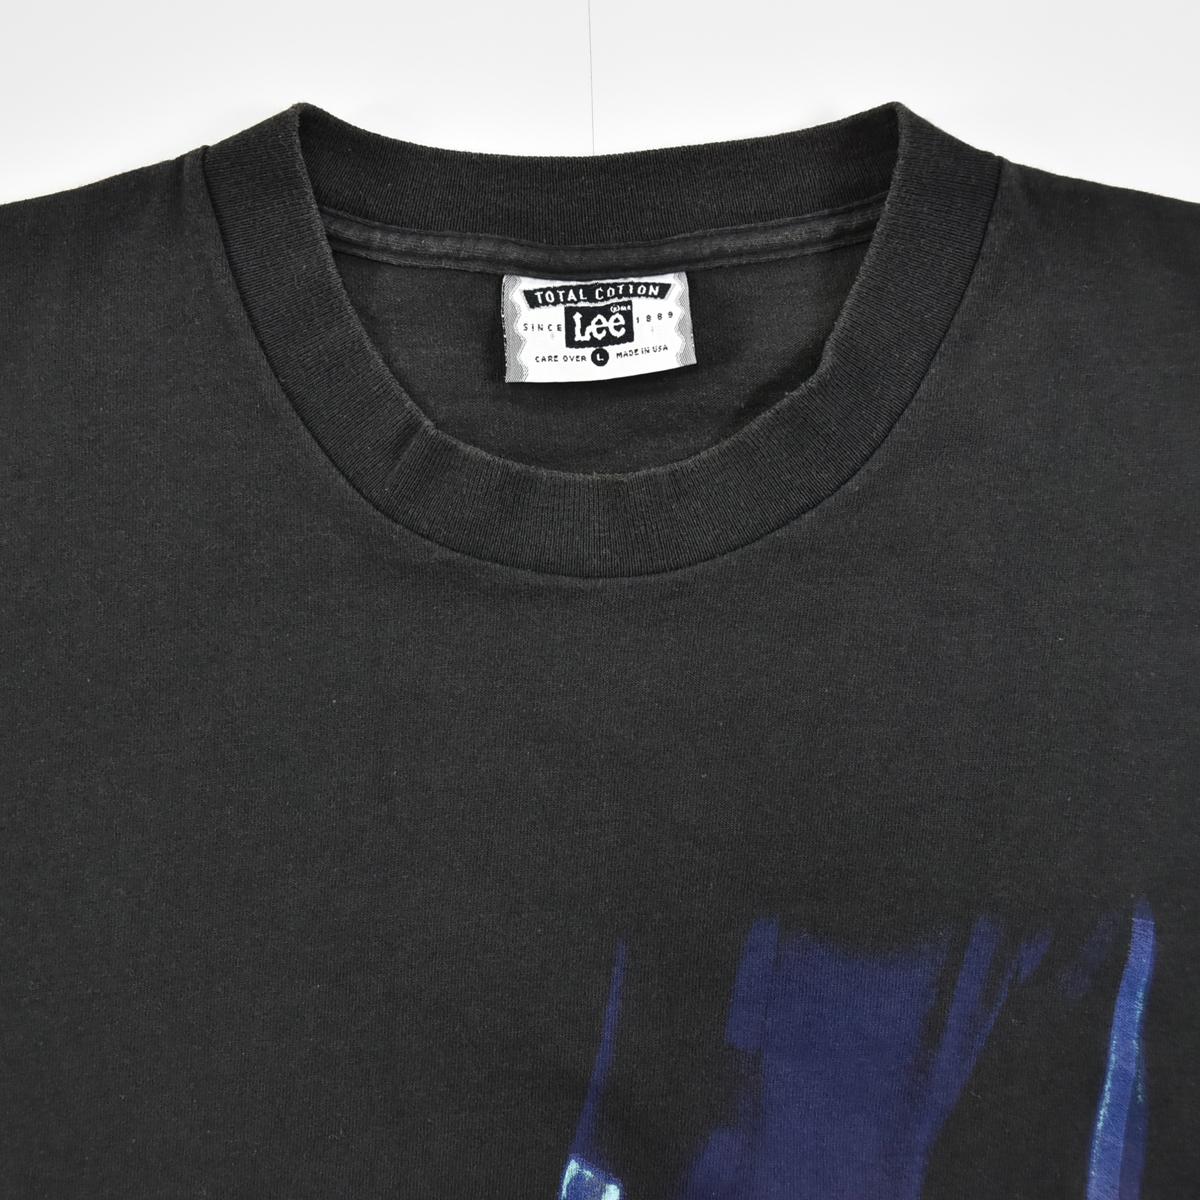 Michael Jackson マイケルジャクソン ★ リー Leeボディ USA製 ヴィンテージ 90s 1994 HISTORY コピーライト有 半袖 Tシャツ 黒 L_画像4